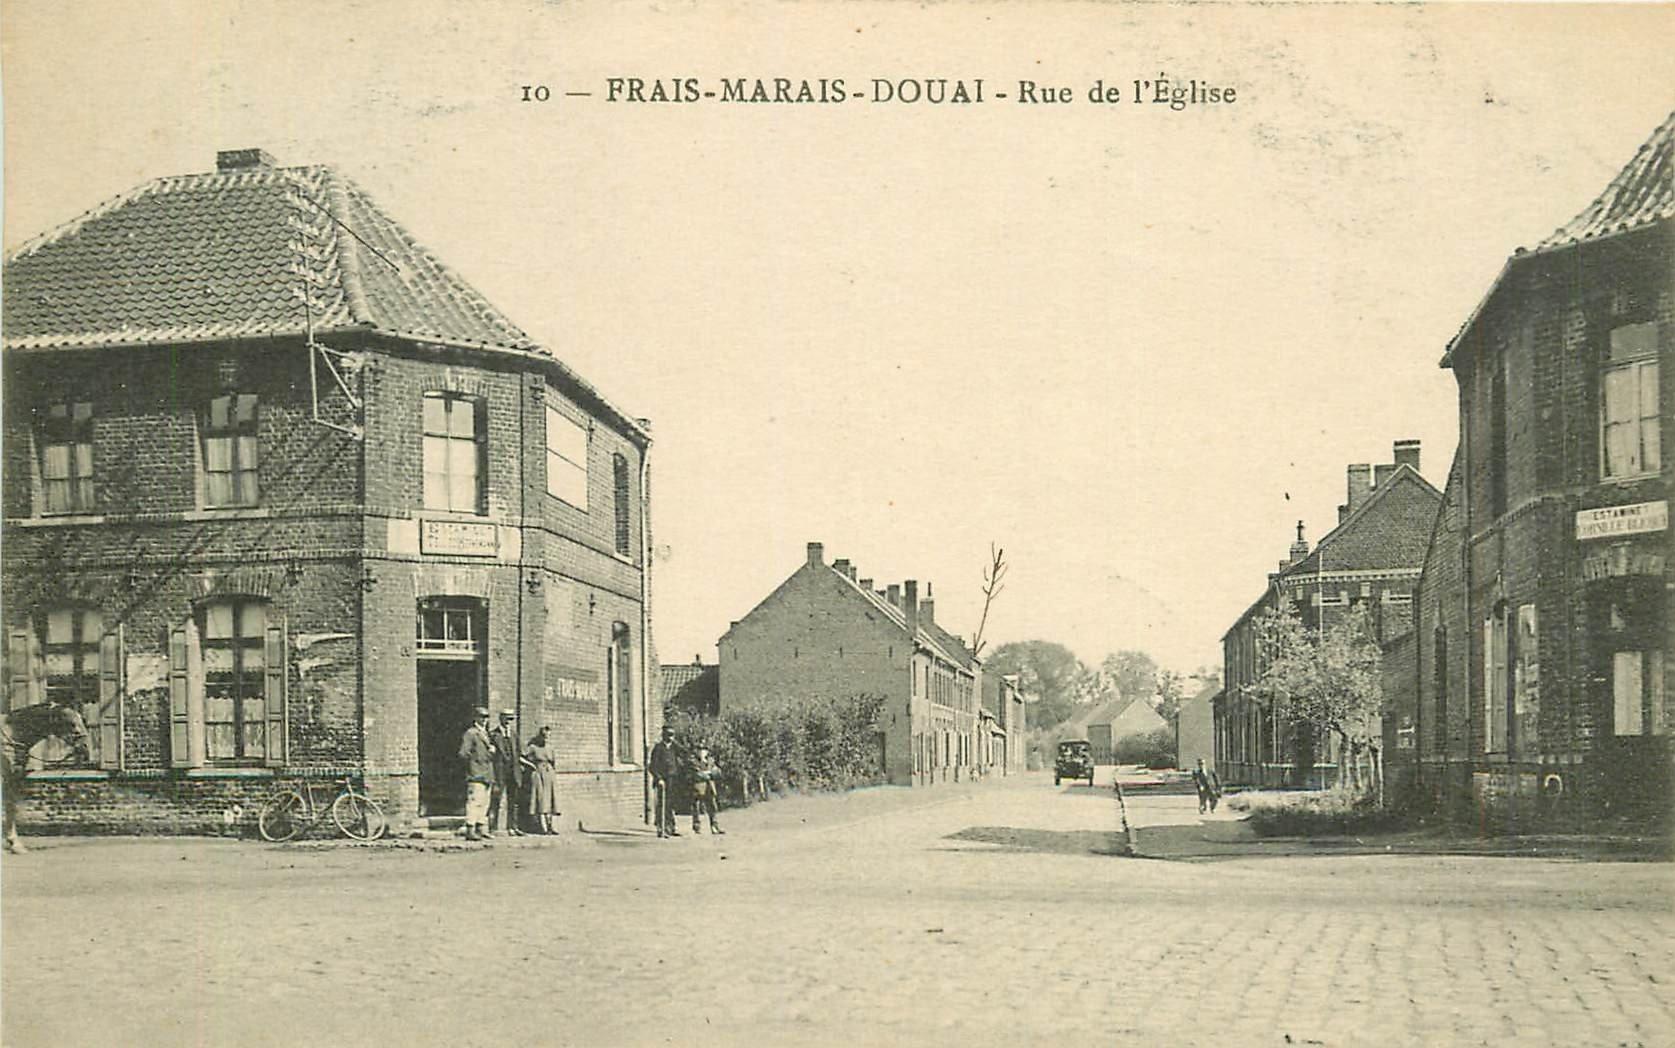 WW 59 FRAIS-MARAIS-DOUAI. Estaminets face à face rue de l'Eglise